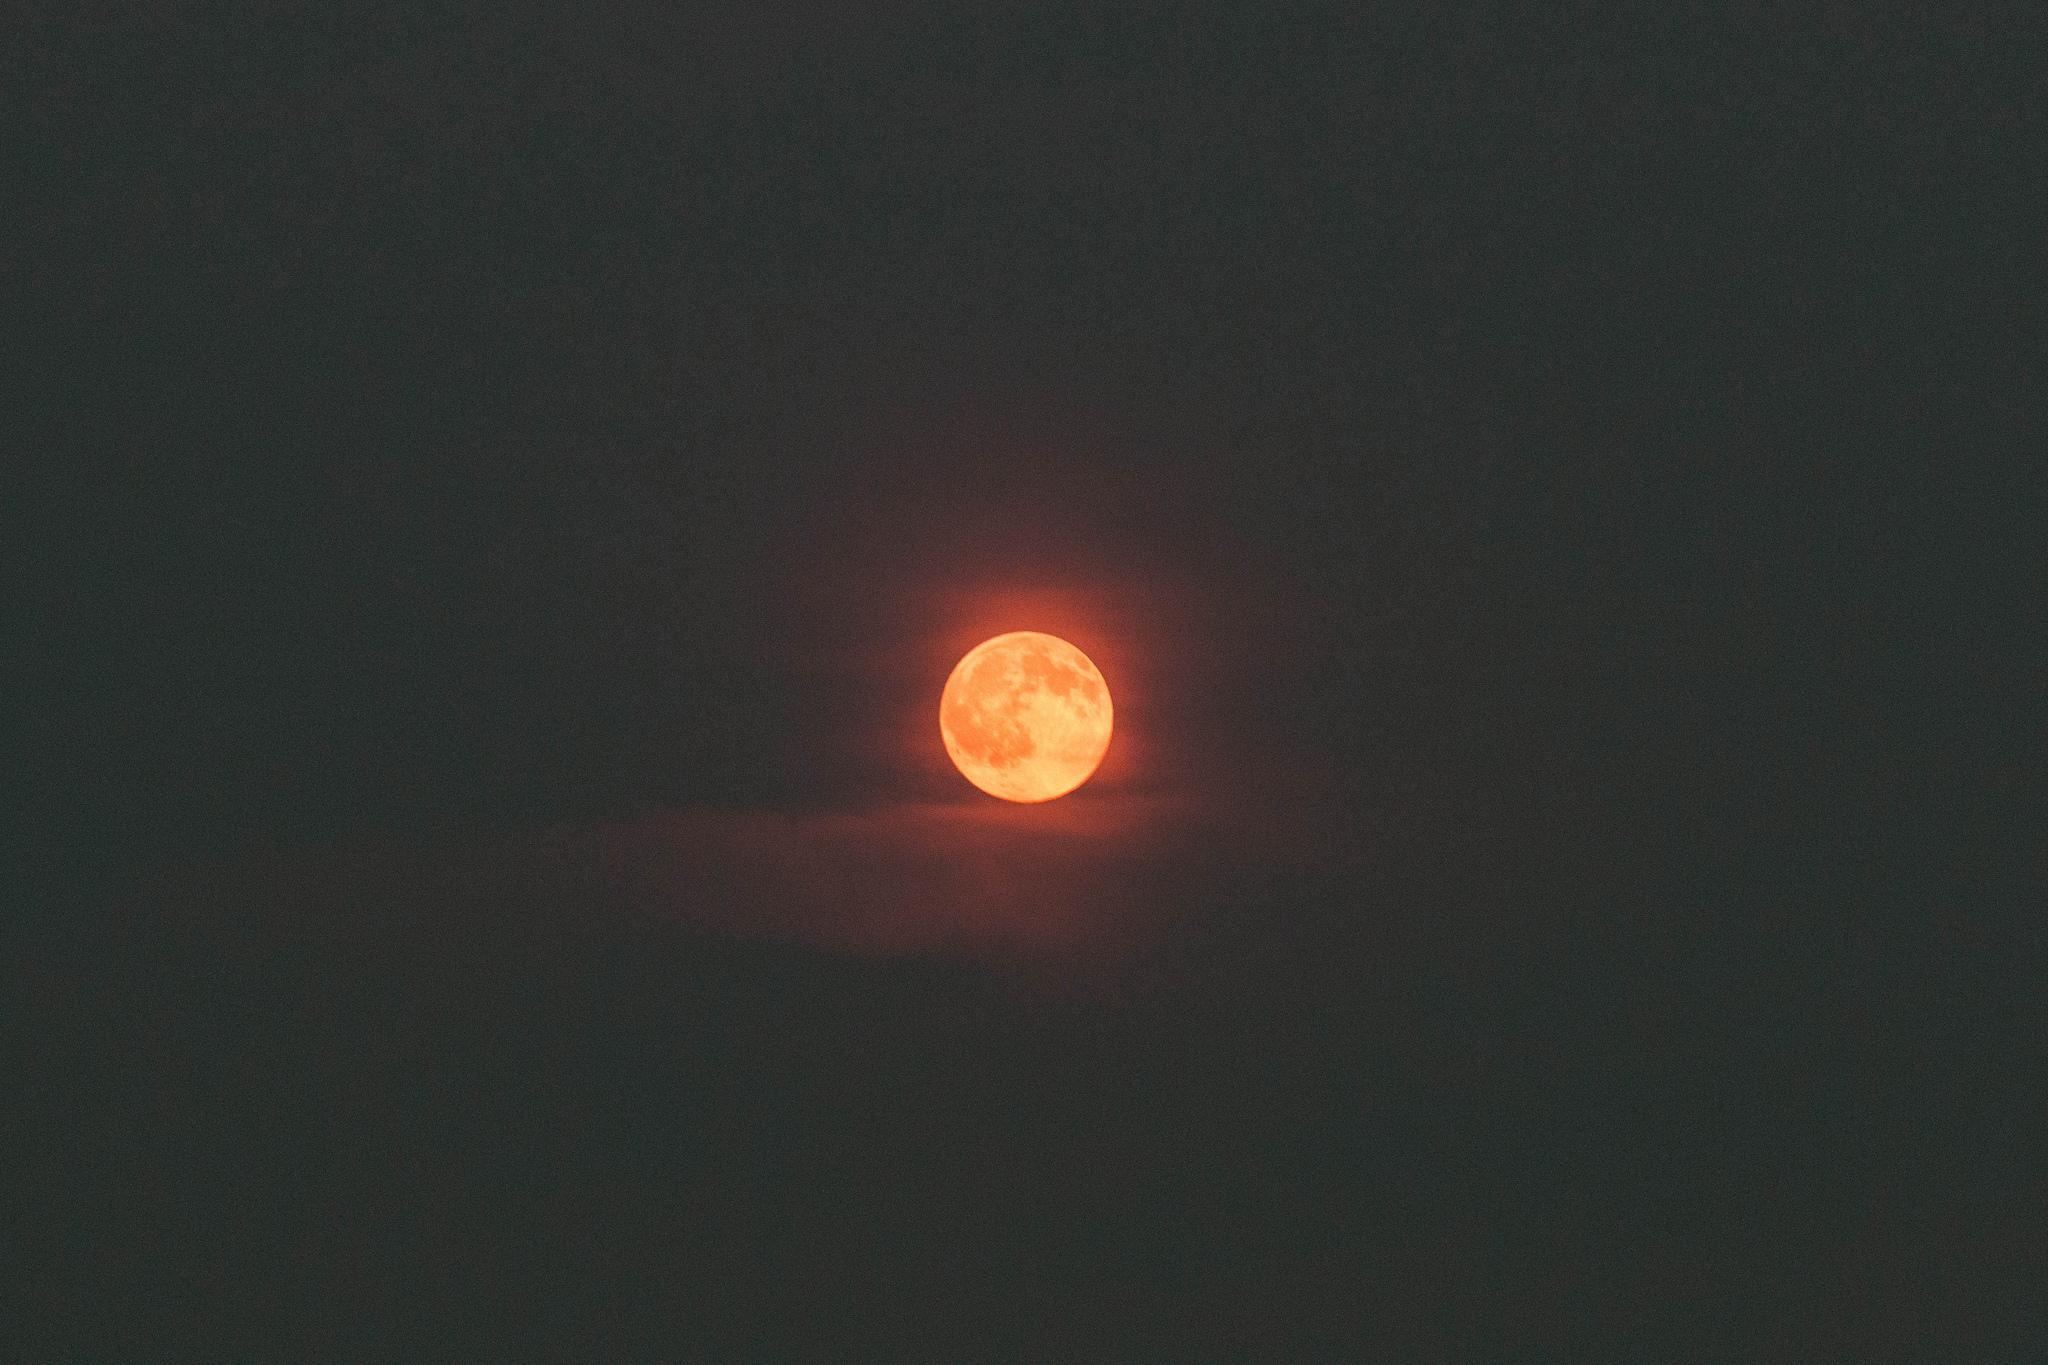 больницы оранжевая луна к чему жизни